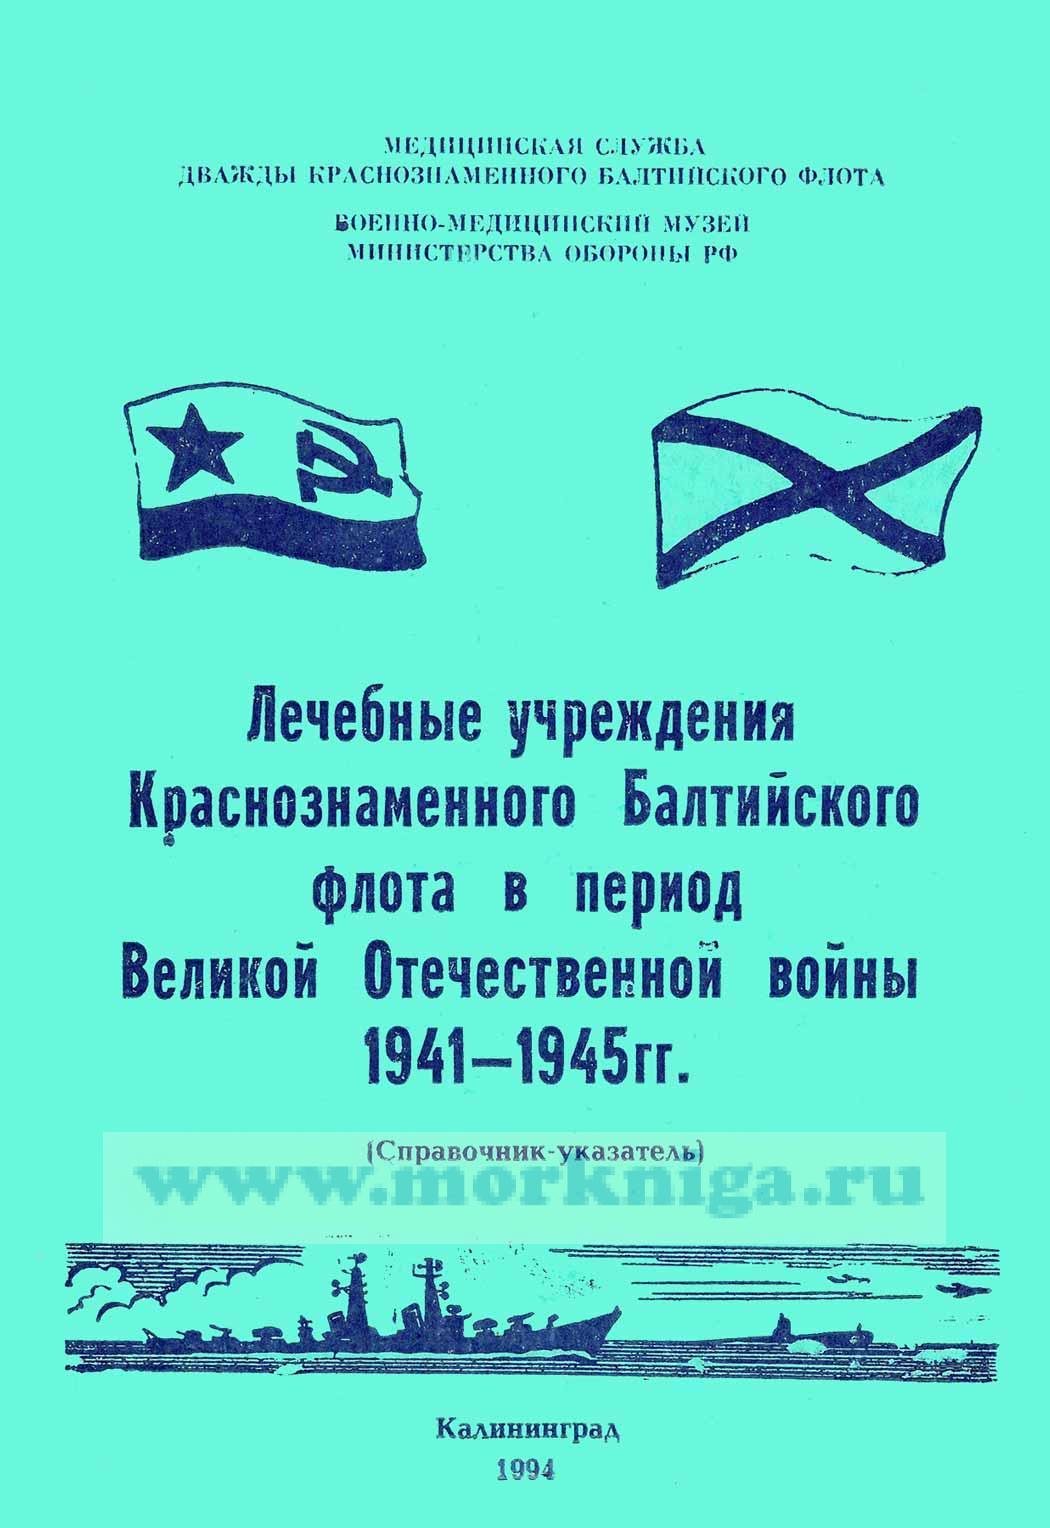 Лечебные учреждения Краснознаменного Балтийского флота в период Великой Отечественной войны 1941-1945 гг. Справочник- указатель